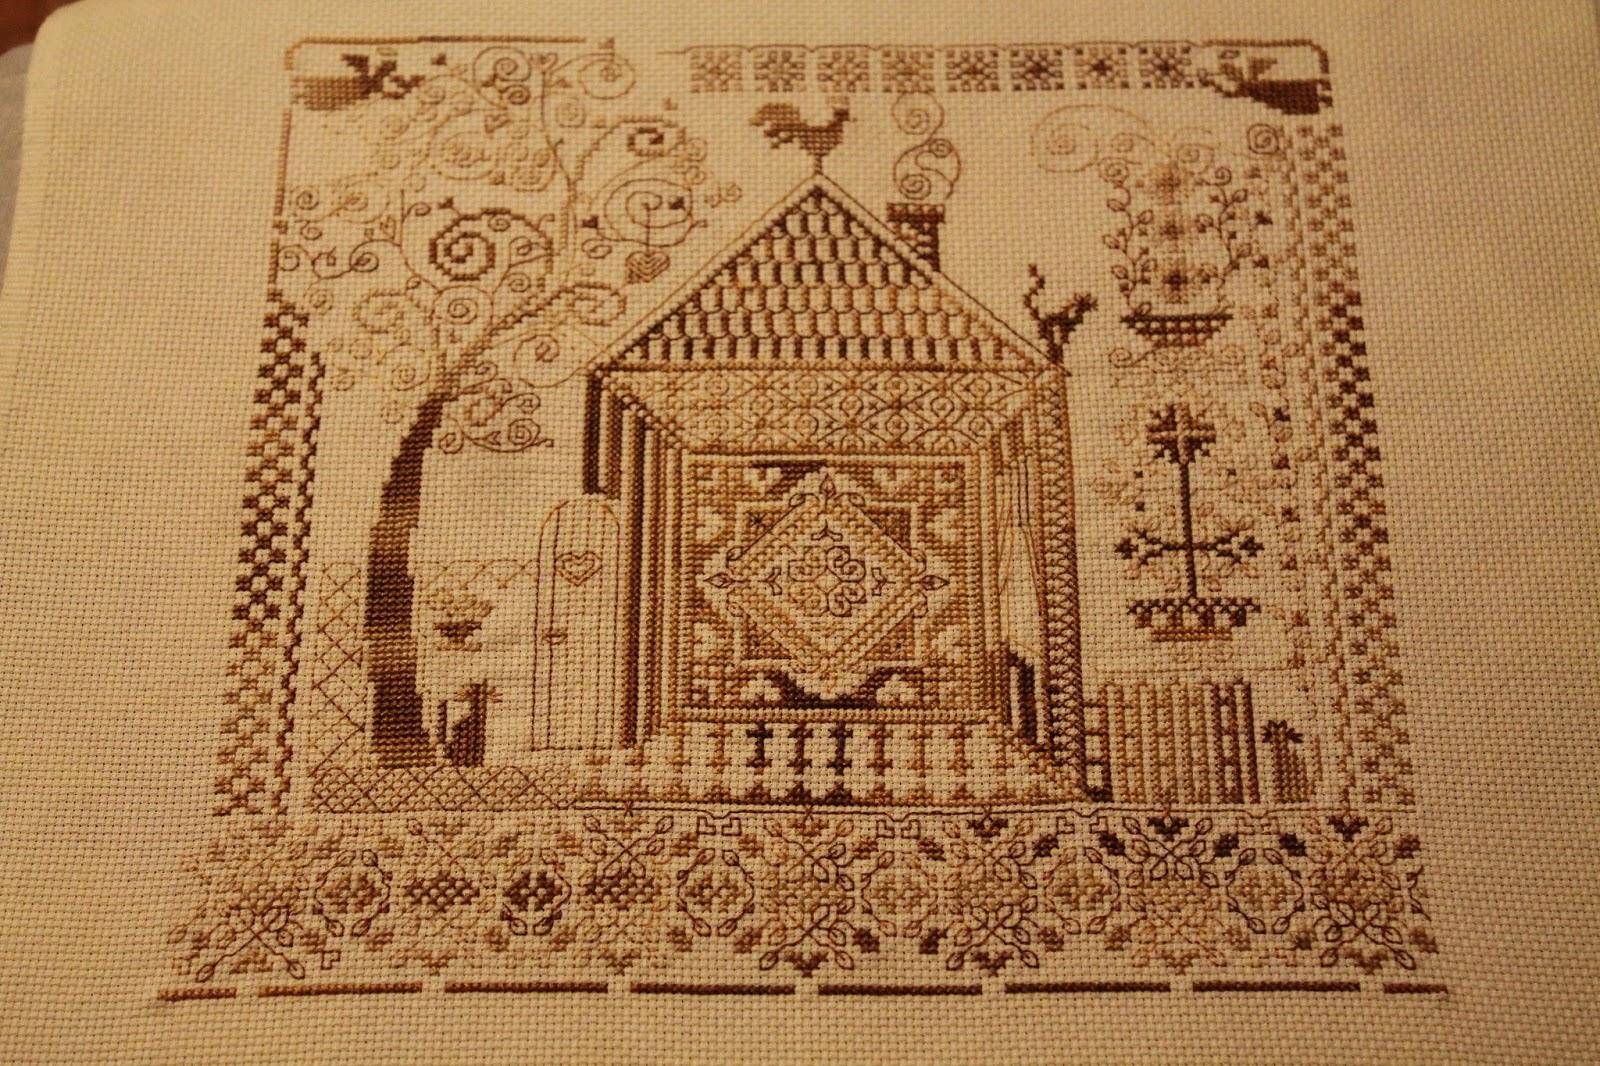 Оберег домашнего очага - Каталог схем для вышивки крестом 41